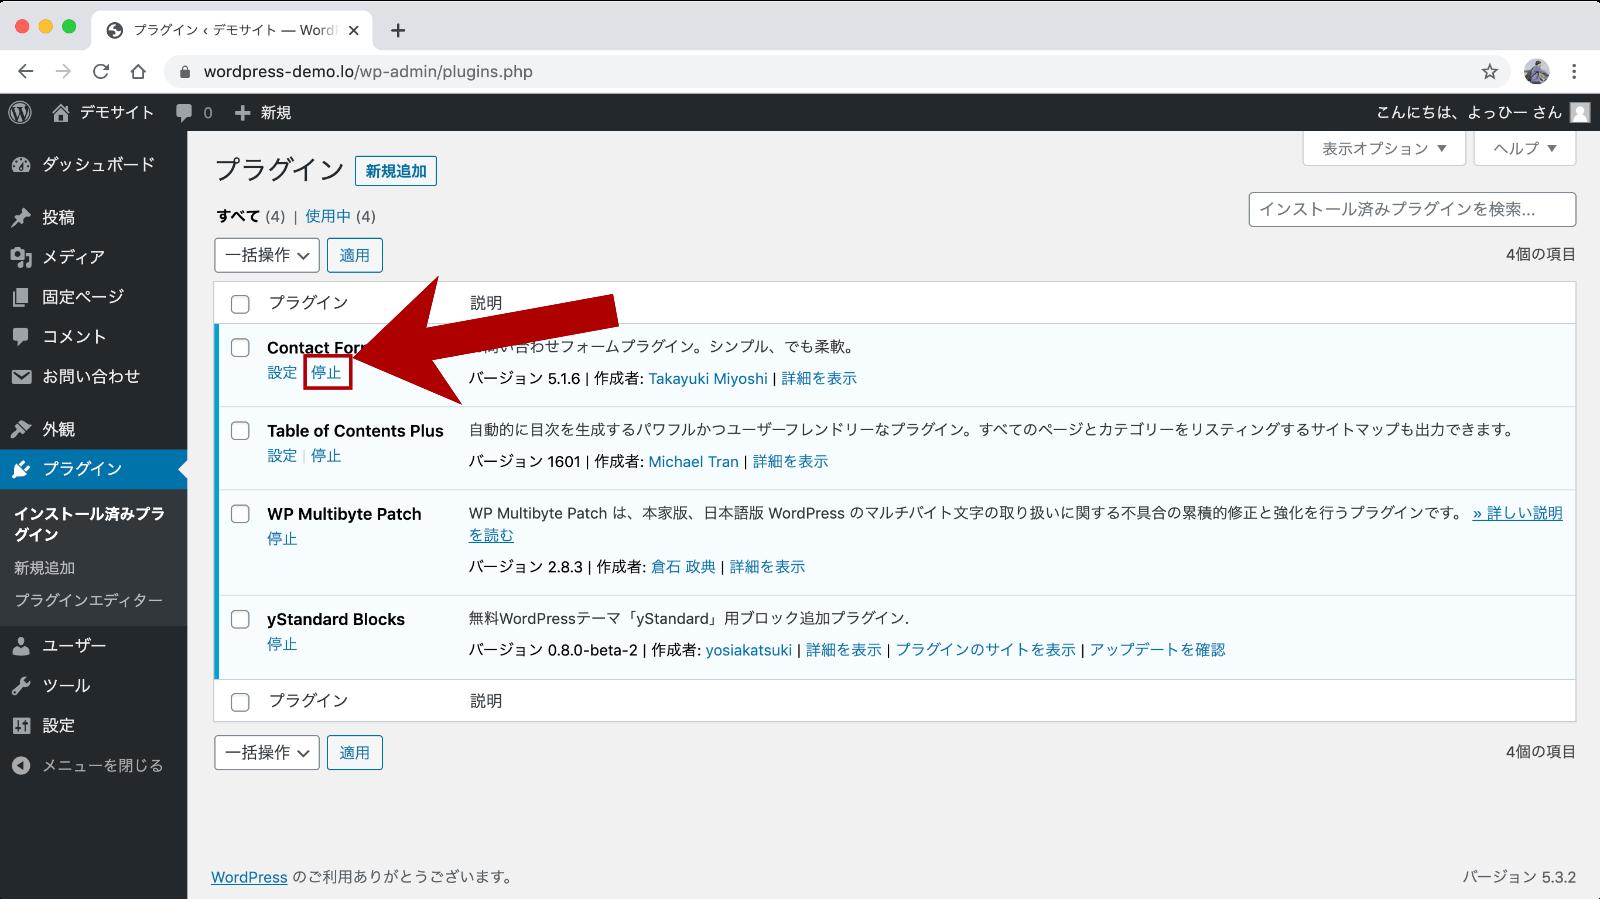 WordPressプラグインを停止する